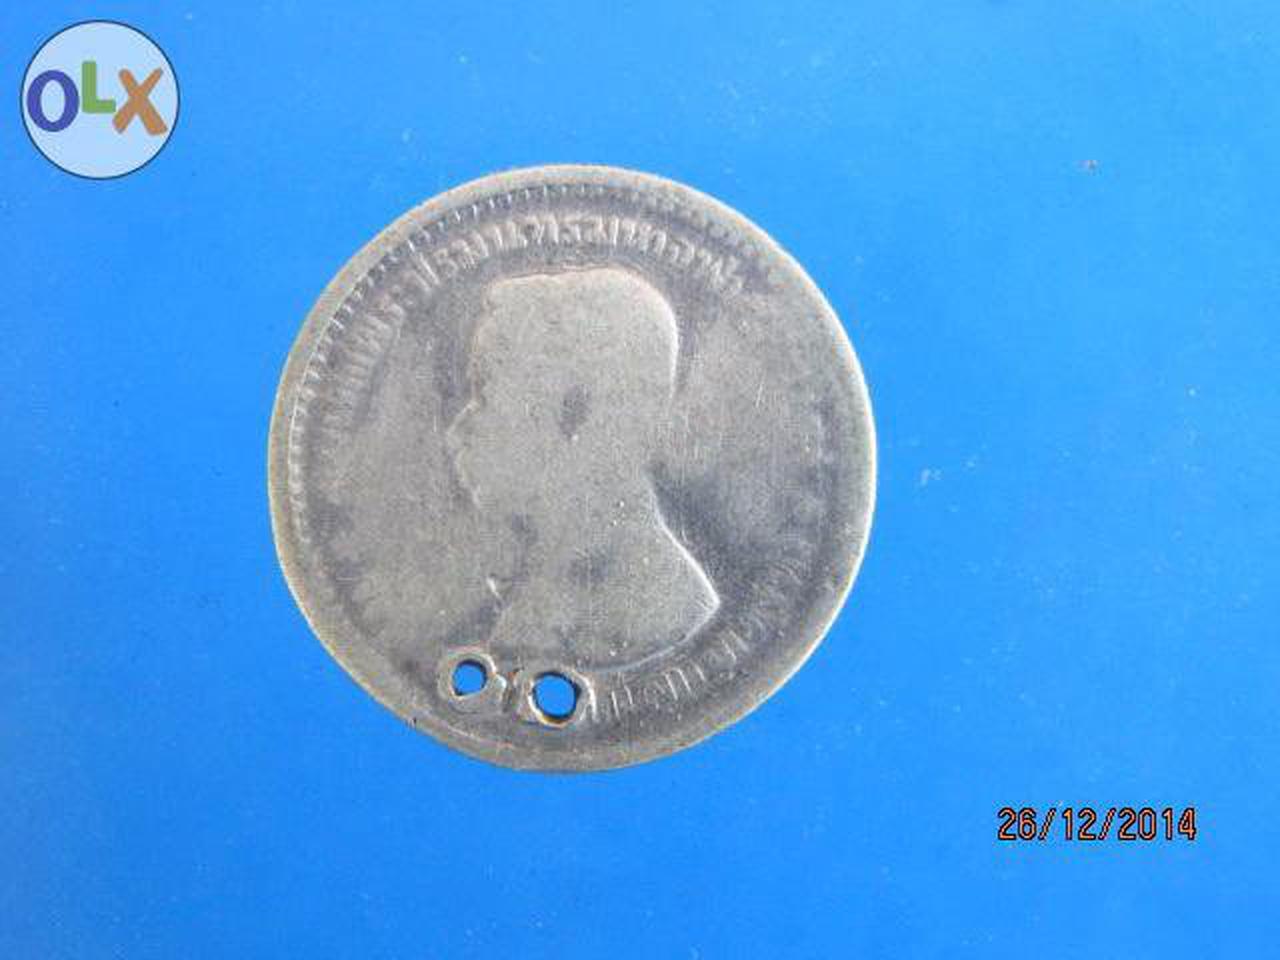 940 เหรียญ ร.5 สลึงหนึ่ง เนื้อเงิน กรุงสยาม รูปที่ 2